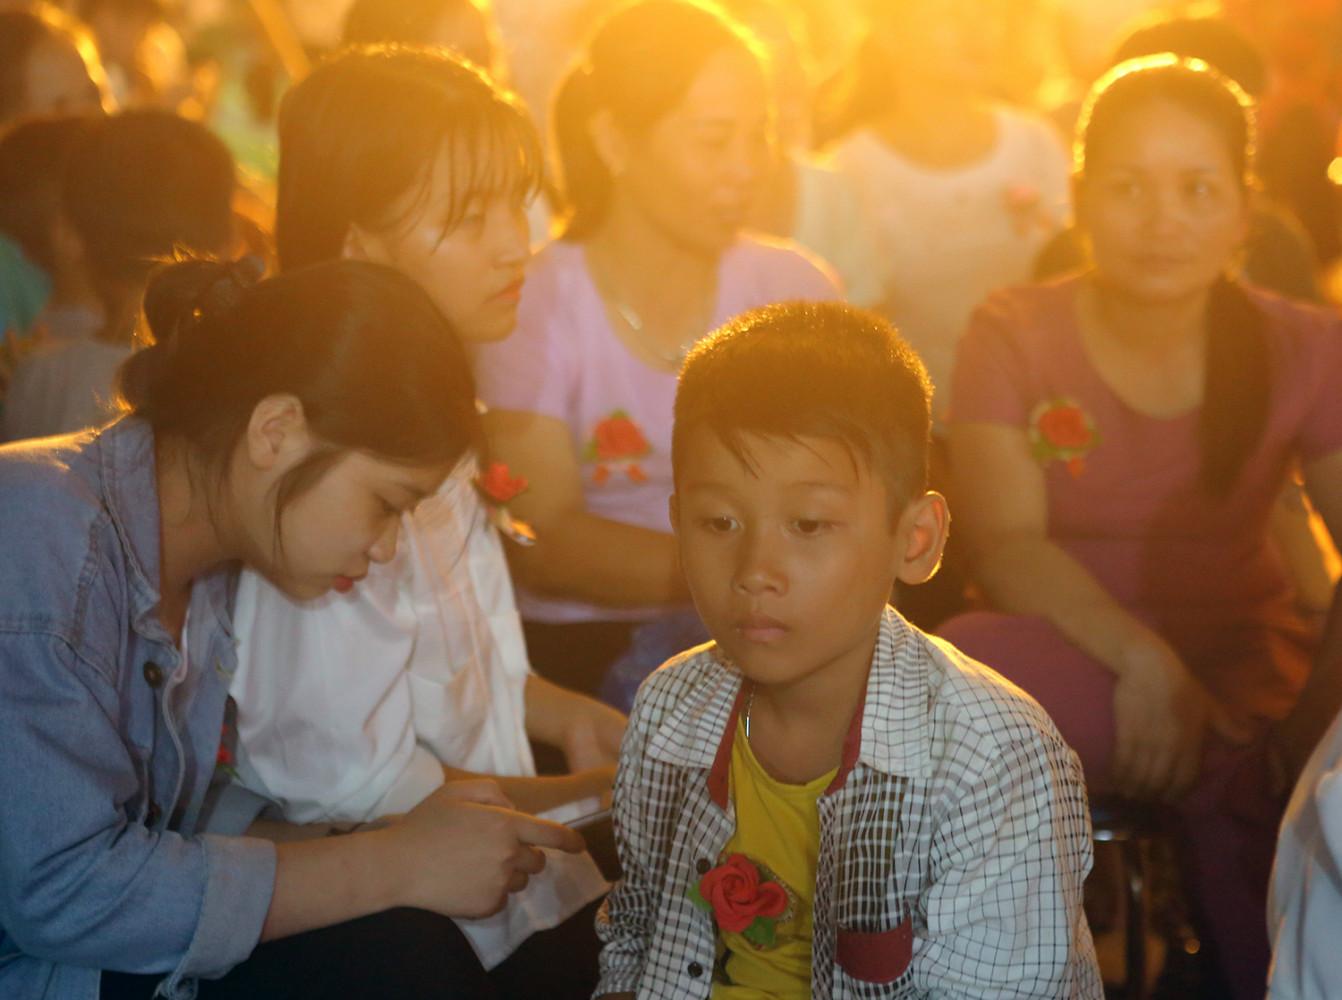 Lễ Vu lan Báo hiếu Kim Sơn Lạc Hồng như một bài học dăn dạy phật tử trong vùng về đạo hiếu nghĩa.